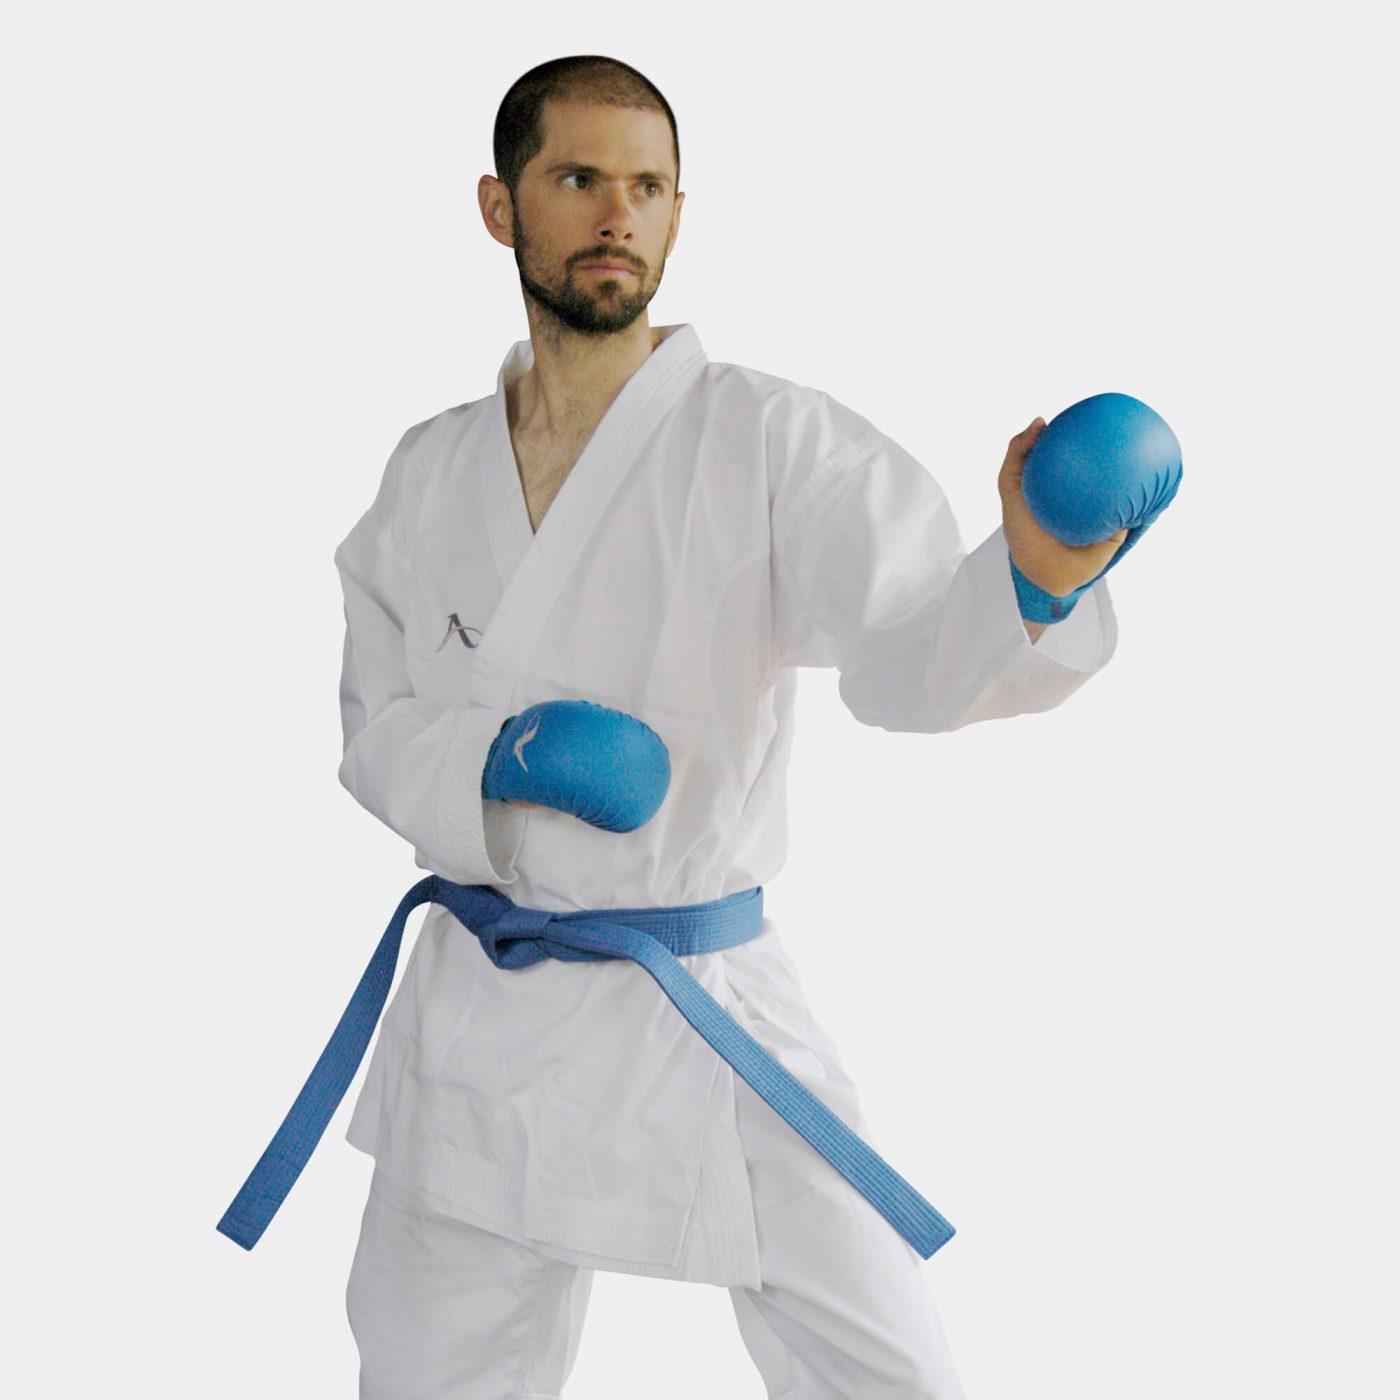 Arawaza Karatepak Kumite Deluxe - WKF Approved - maat 4 / 170